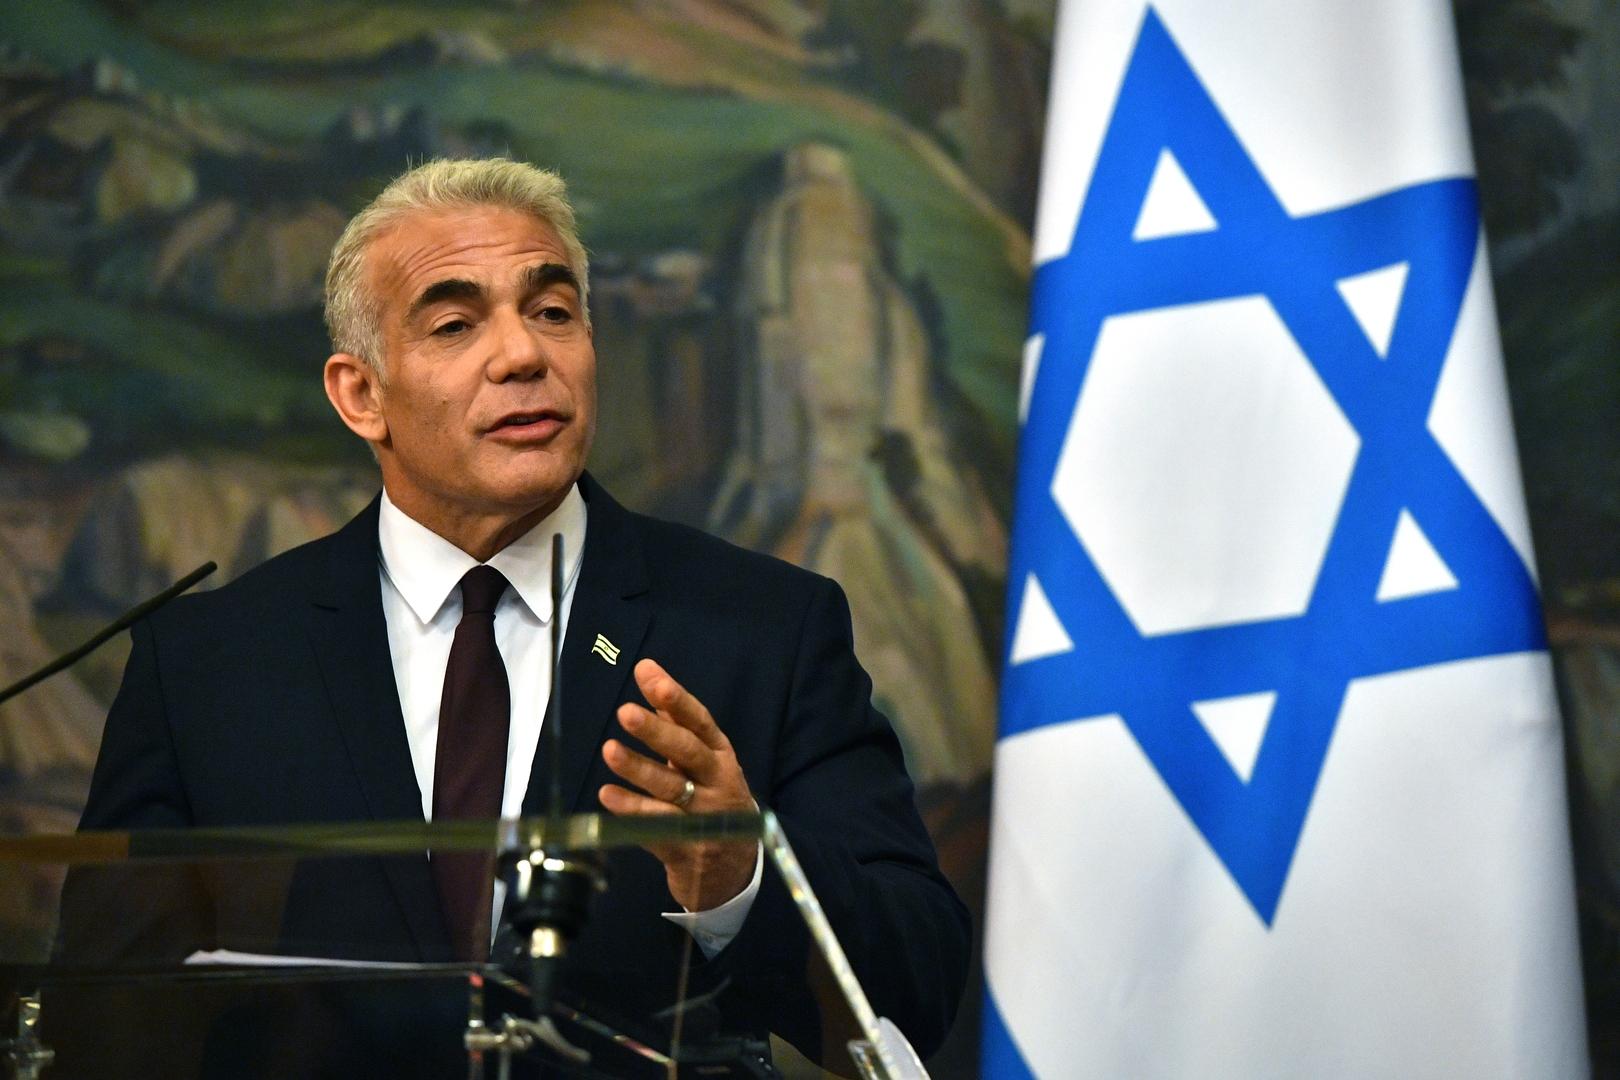 لابيد: إسرائيل قد تبحث مع روسيا اتصالات محتملة مع حكومة سوريا لكن مسألة الجولان ليست للنقاش